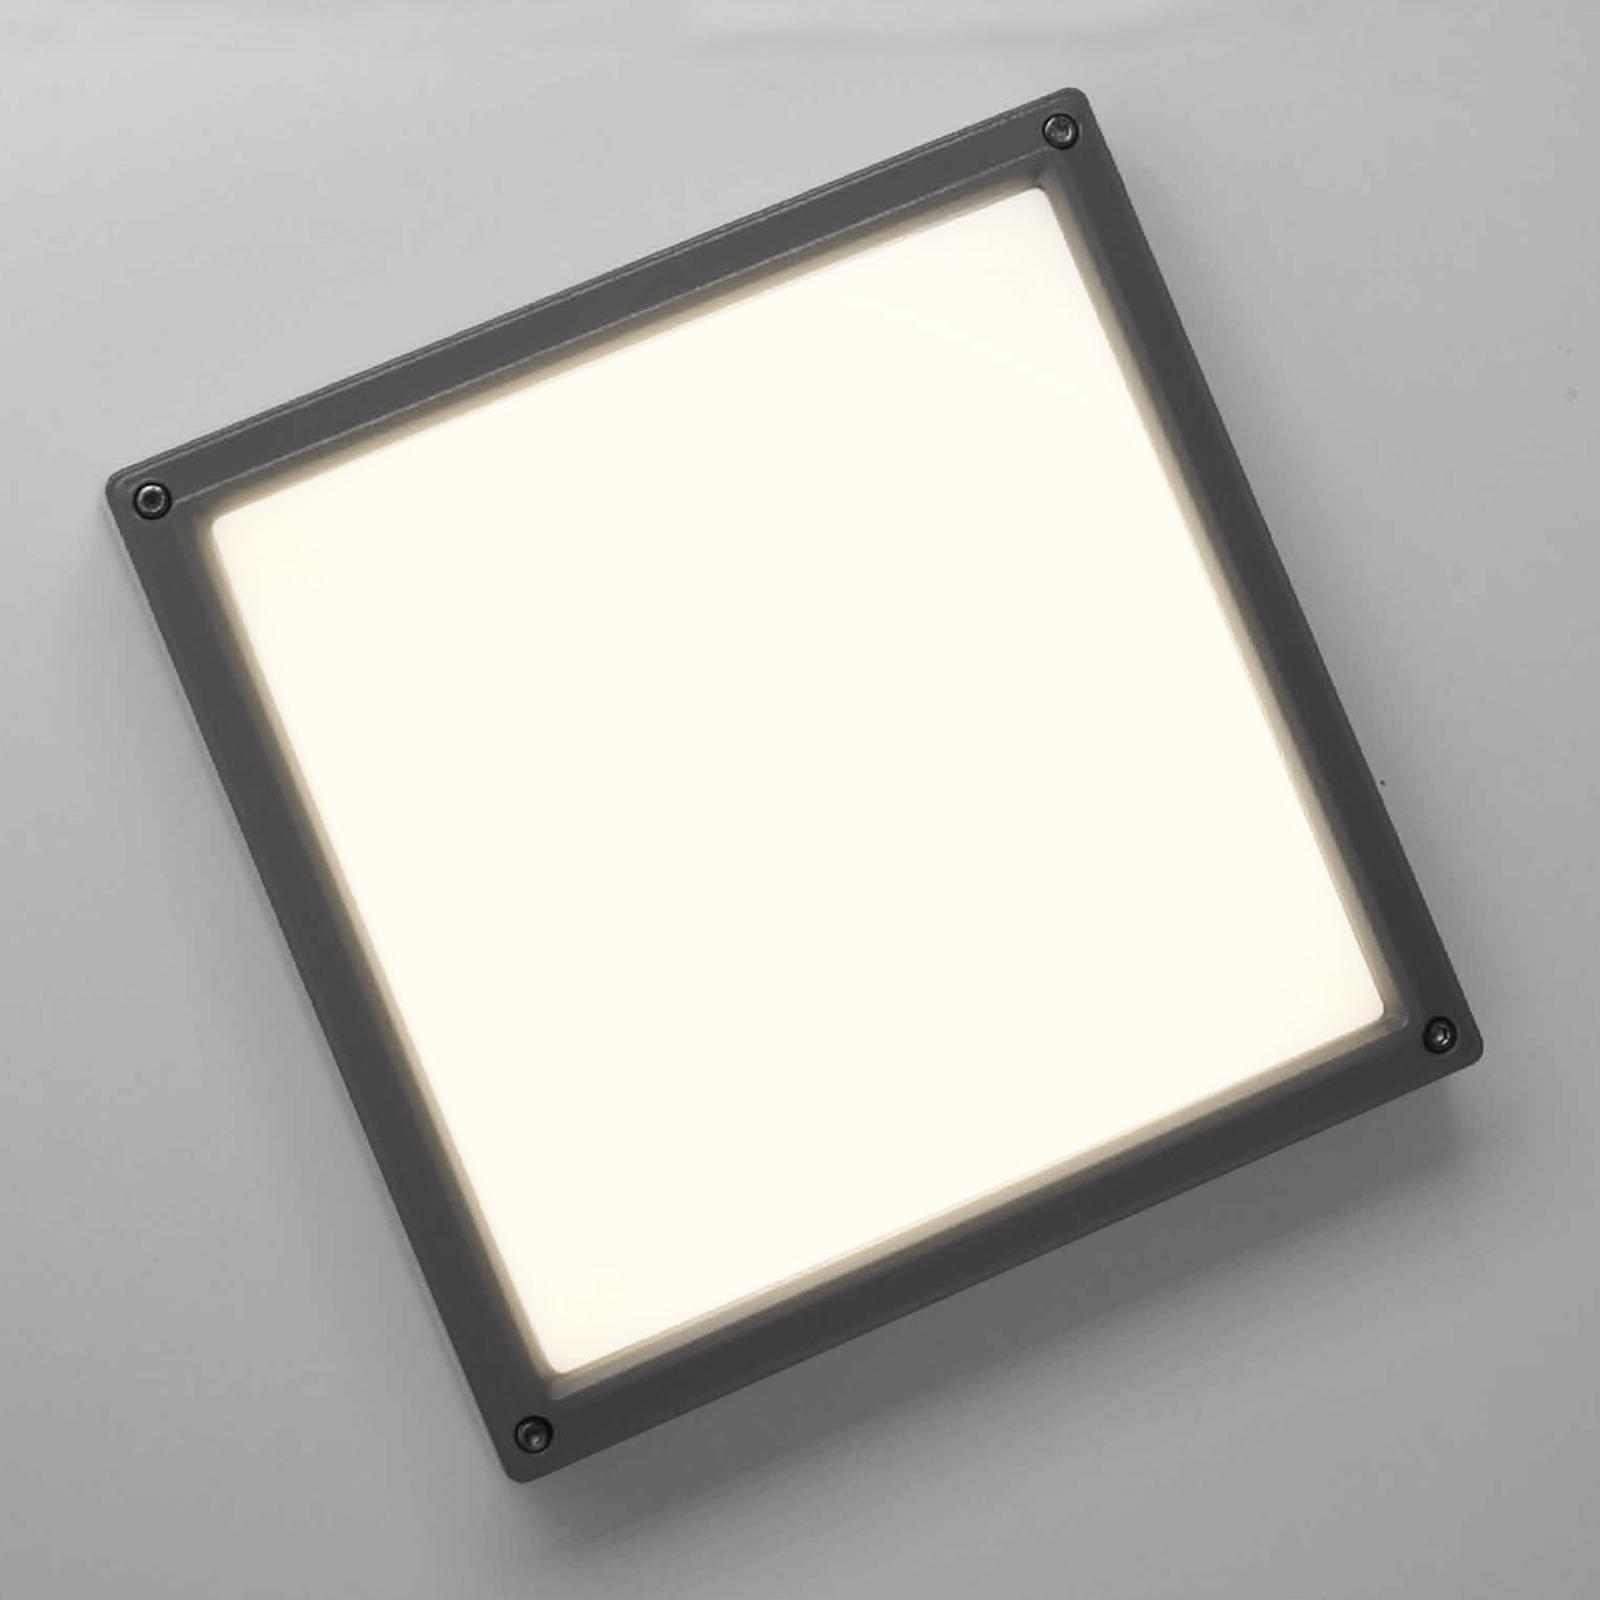 SUN 11 LED-vegglampe i antrasitt med 13 W og 3 K